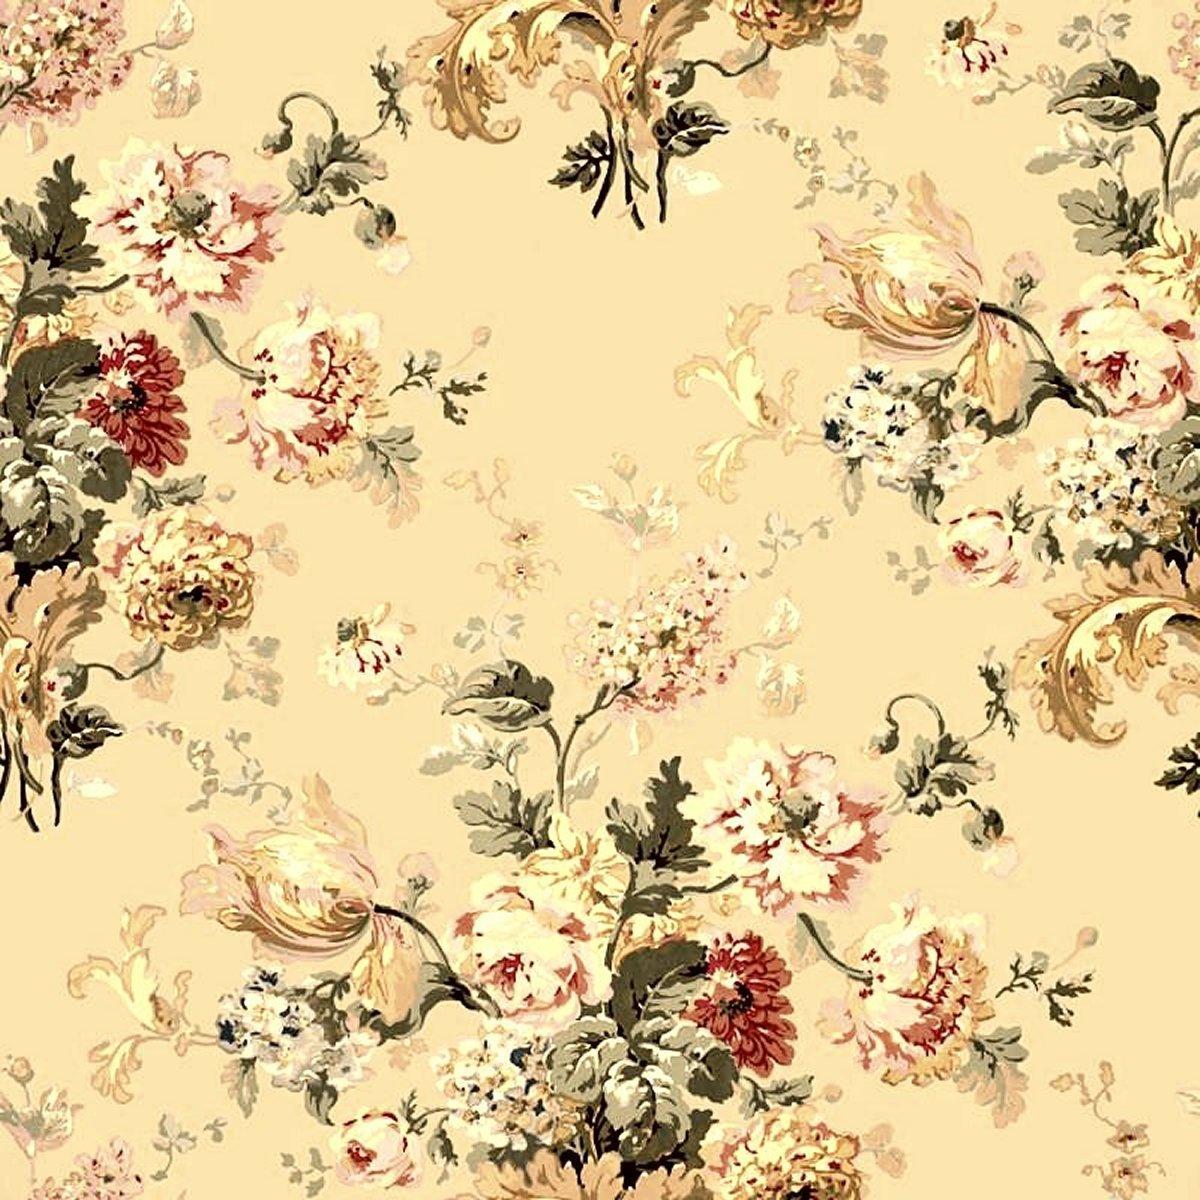 Twitter backgrounds vintage floral